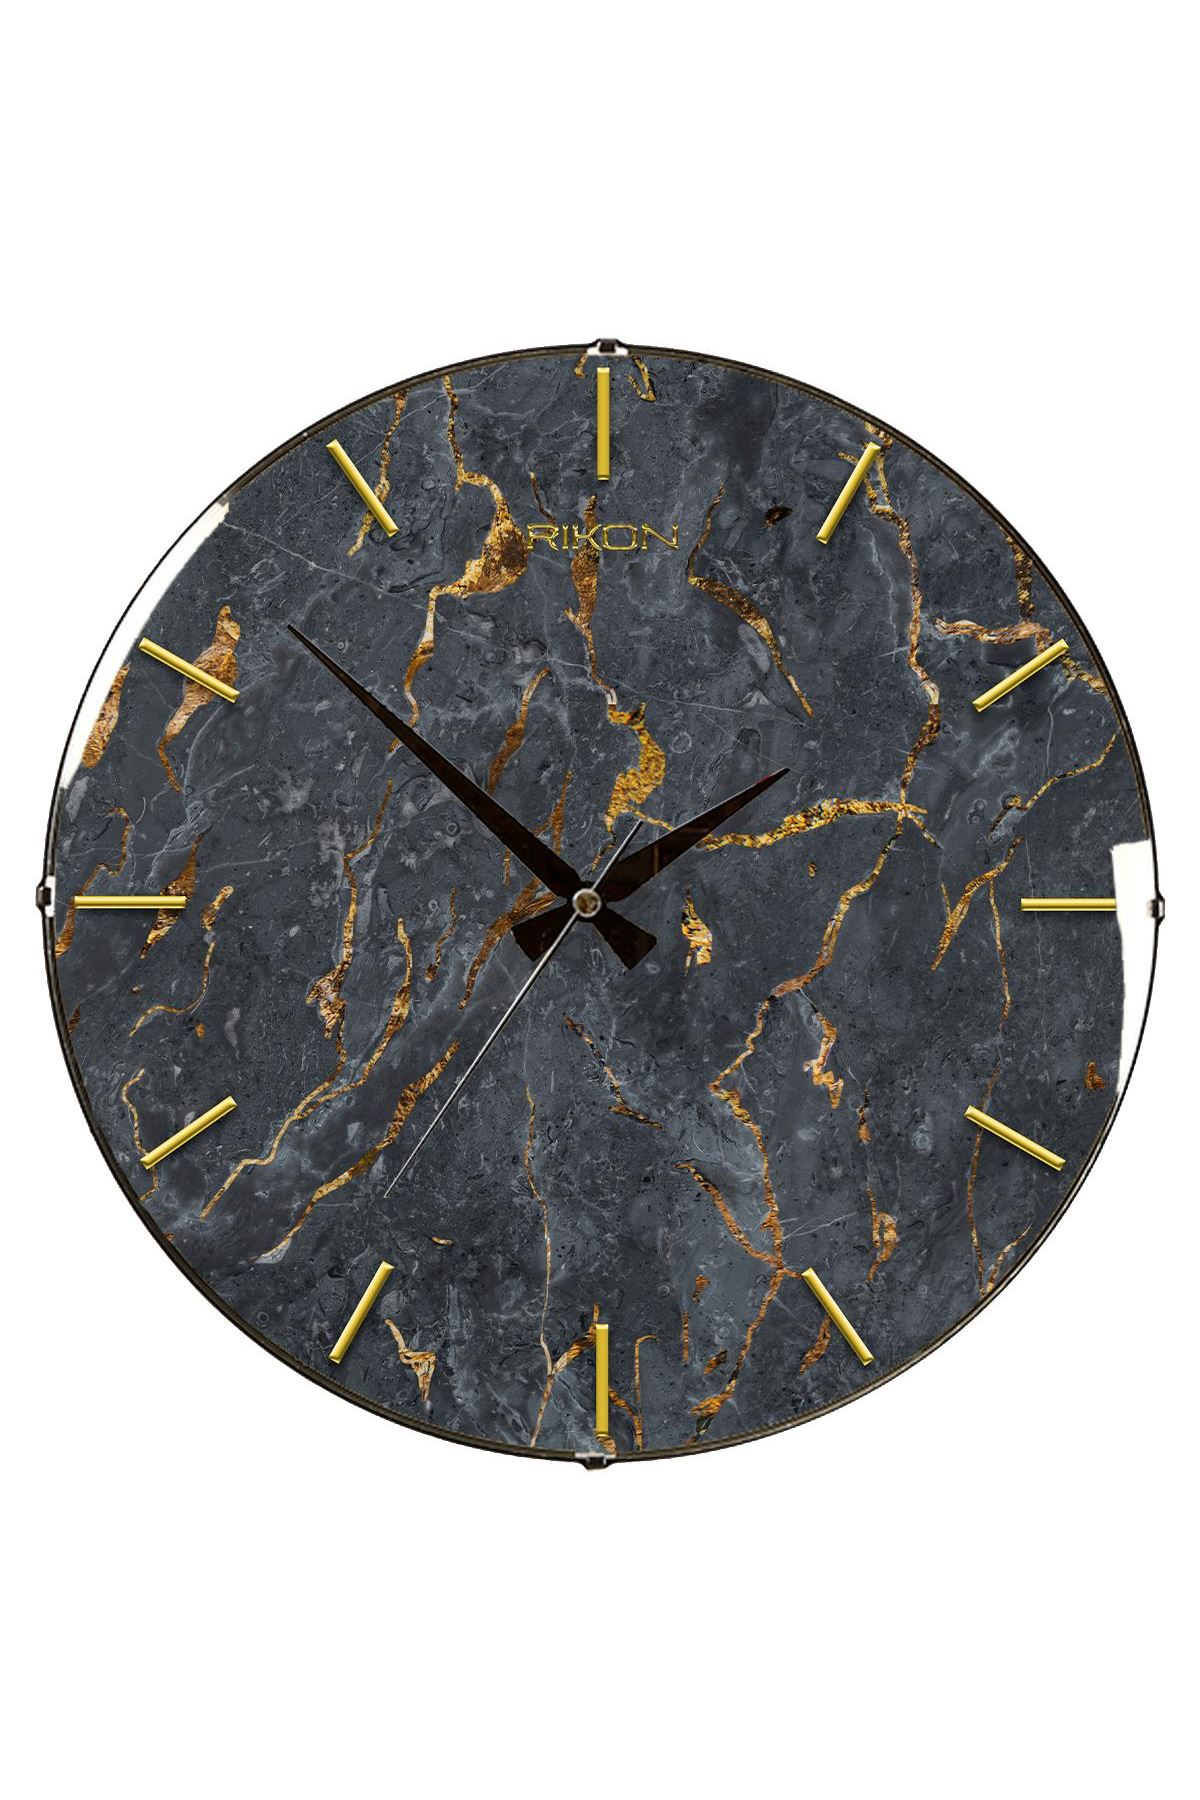 Rikon Altın Çatlak Mermer Desenli Bombe Camlı Duvar Saati  35Cm